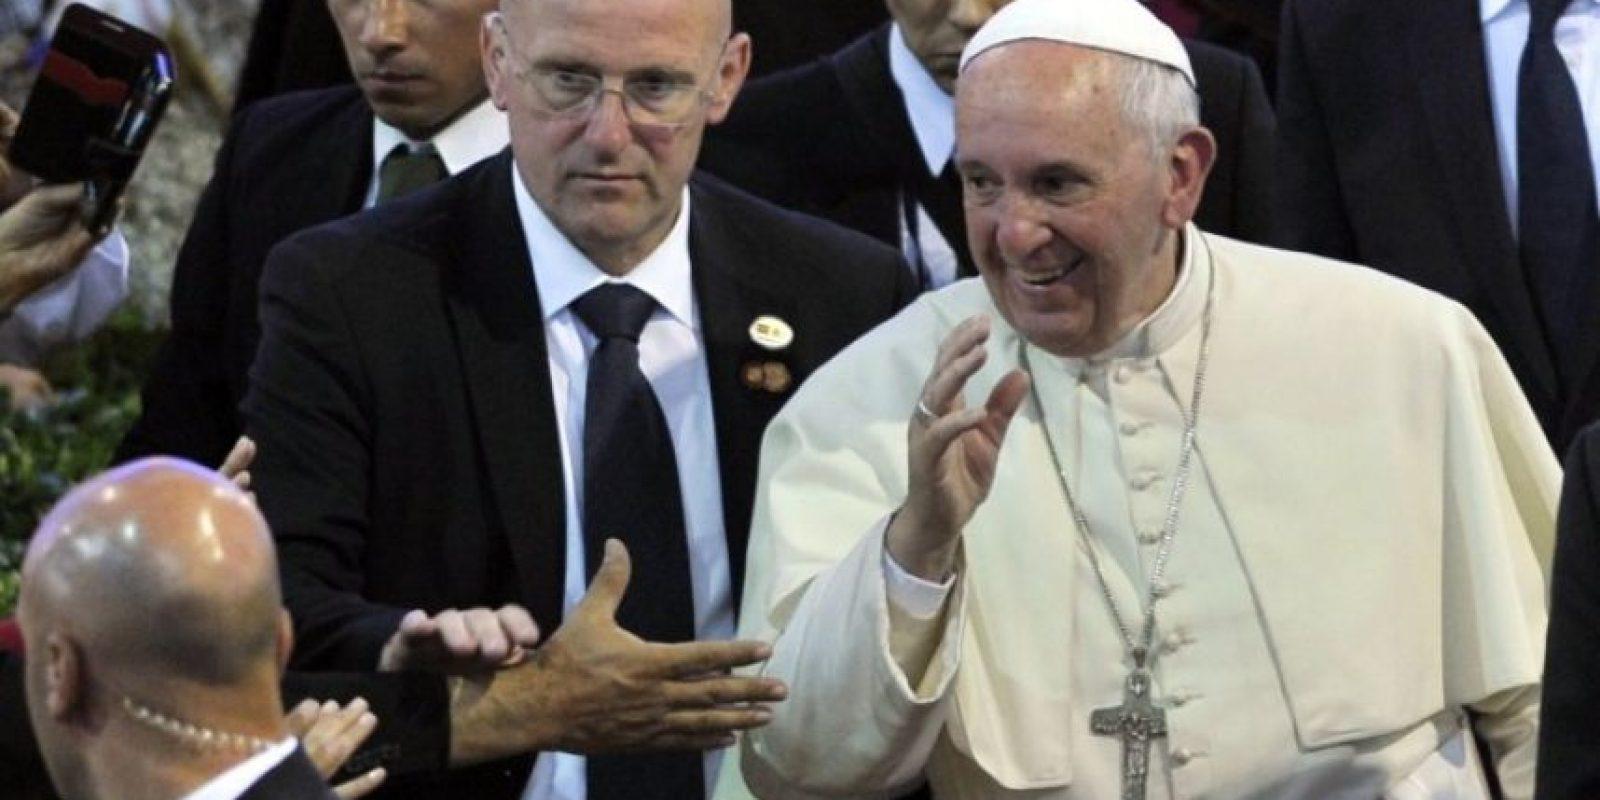 El 24 de septiembre visitará el Congreso de Estados Unidos, será el primer Papa en hacerlo . Foto:AFP